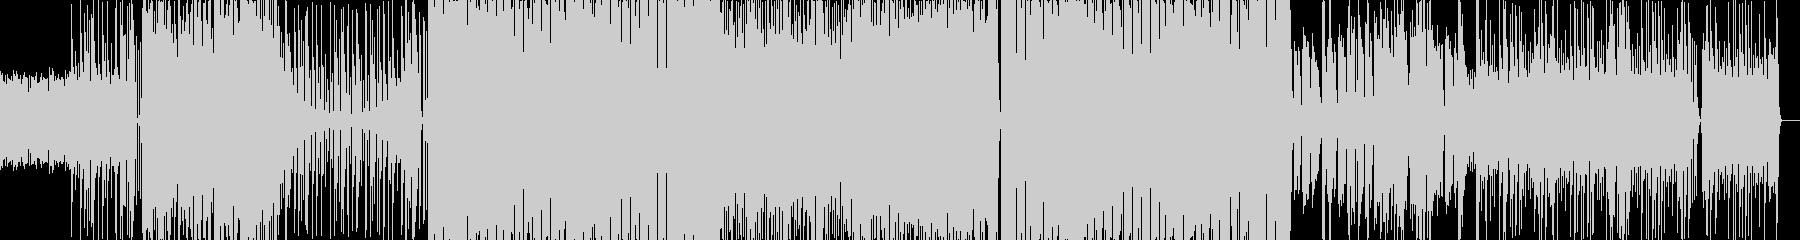 疾走感のあるドラムに透き通る電子音BGMの未再生の波形